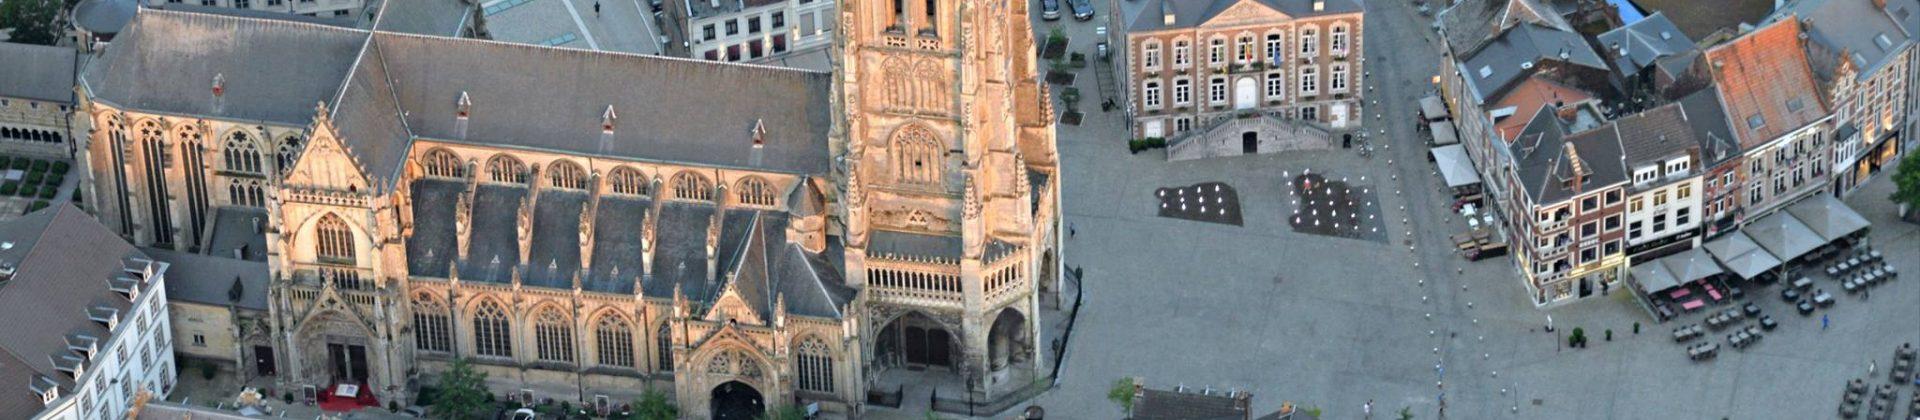 Tongeren Belgien info antiekmarkt tongeren